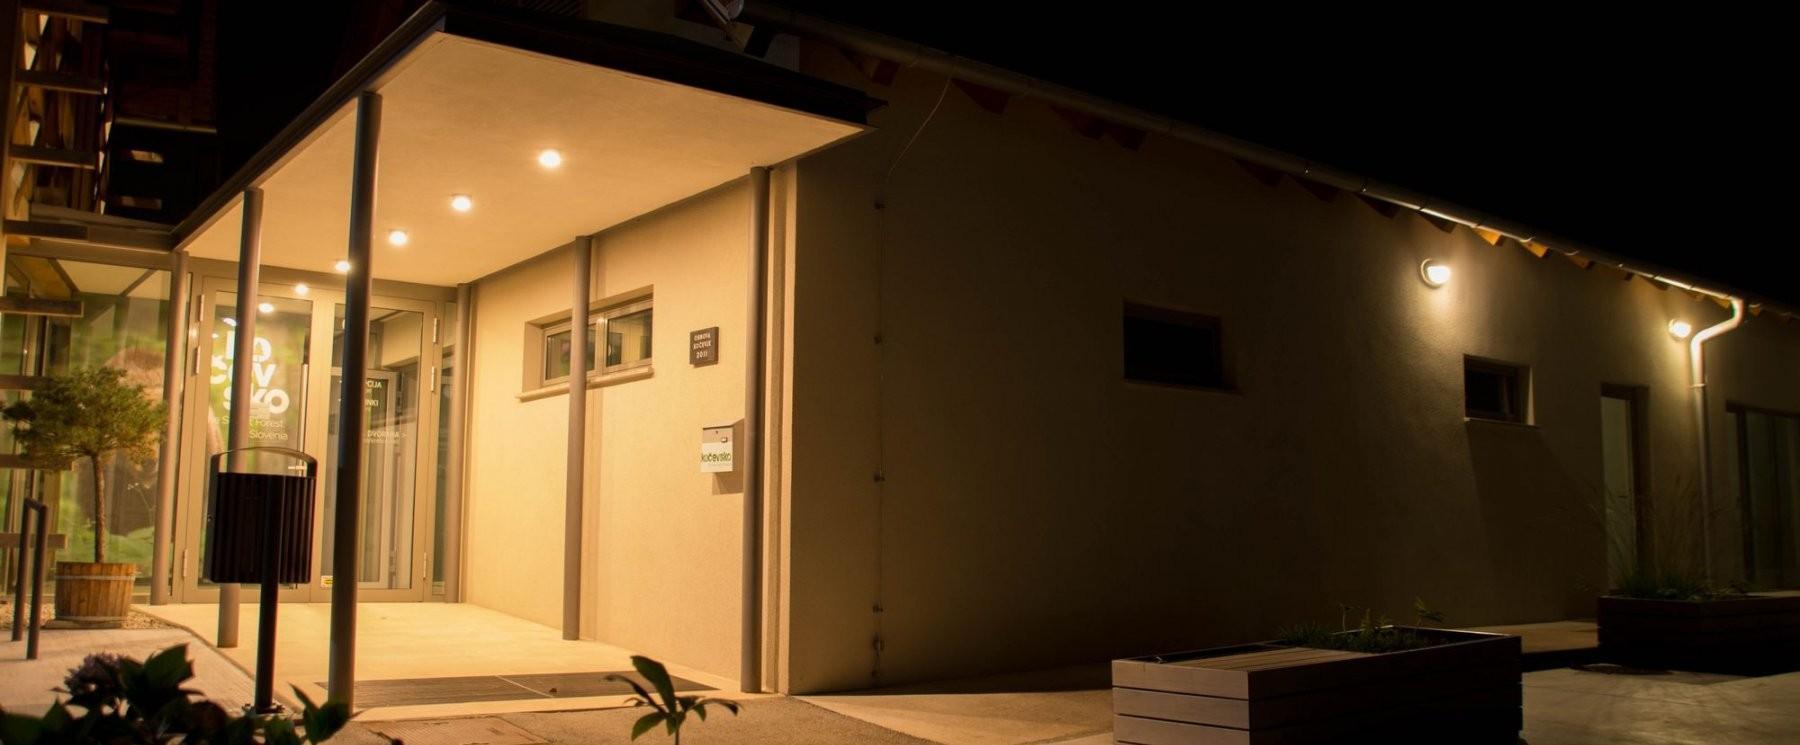 Zunanja LED razsvetljava hiše